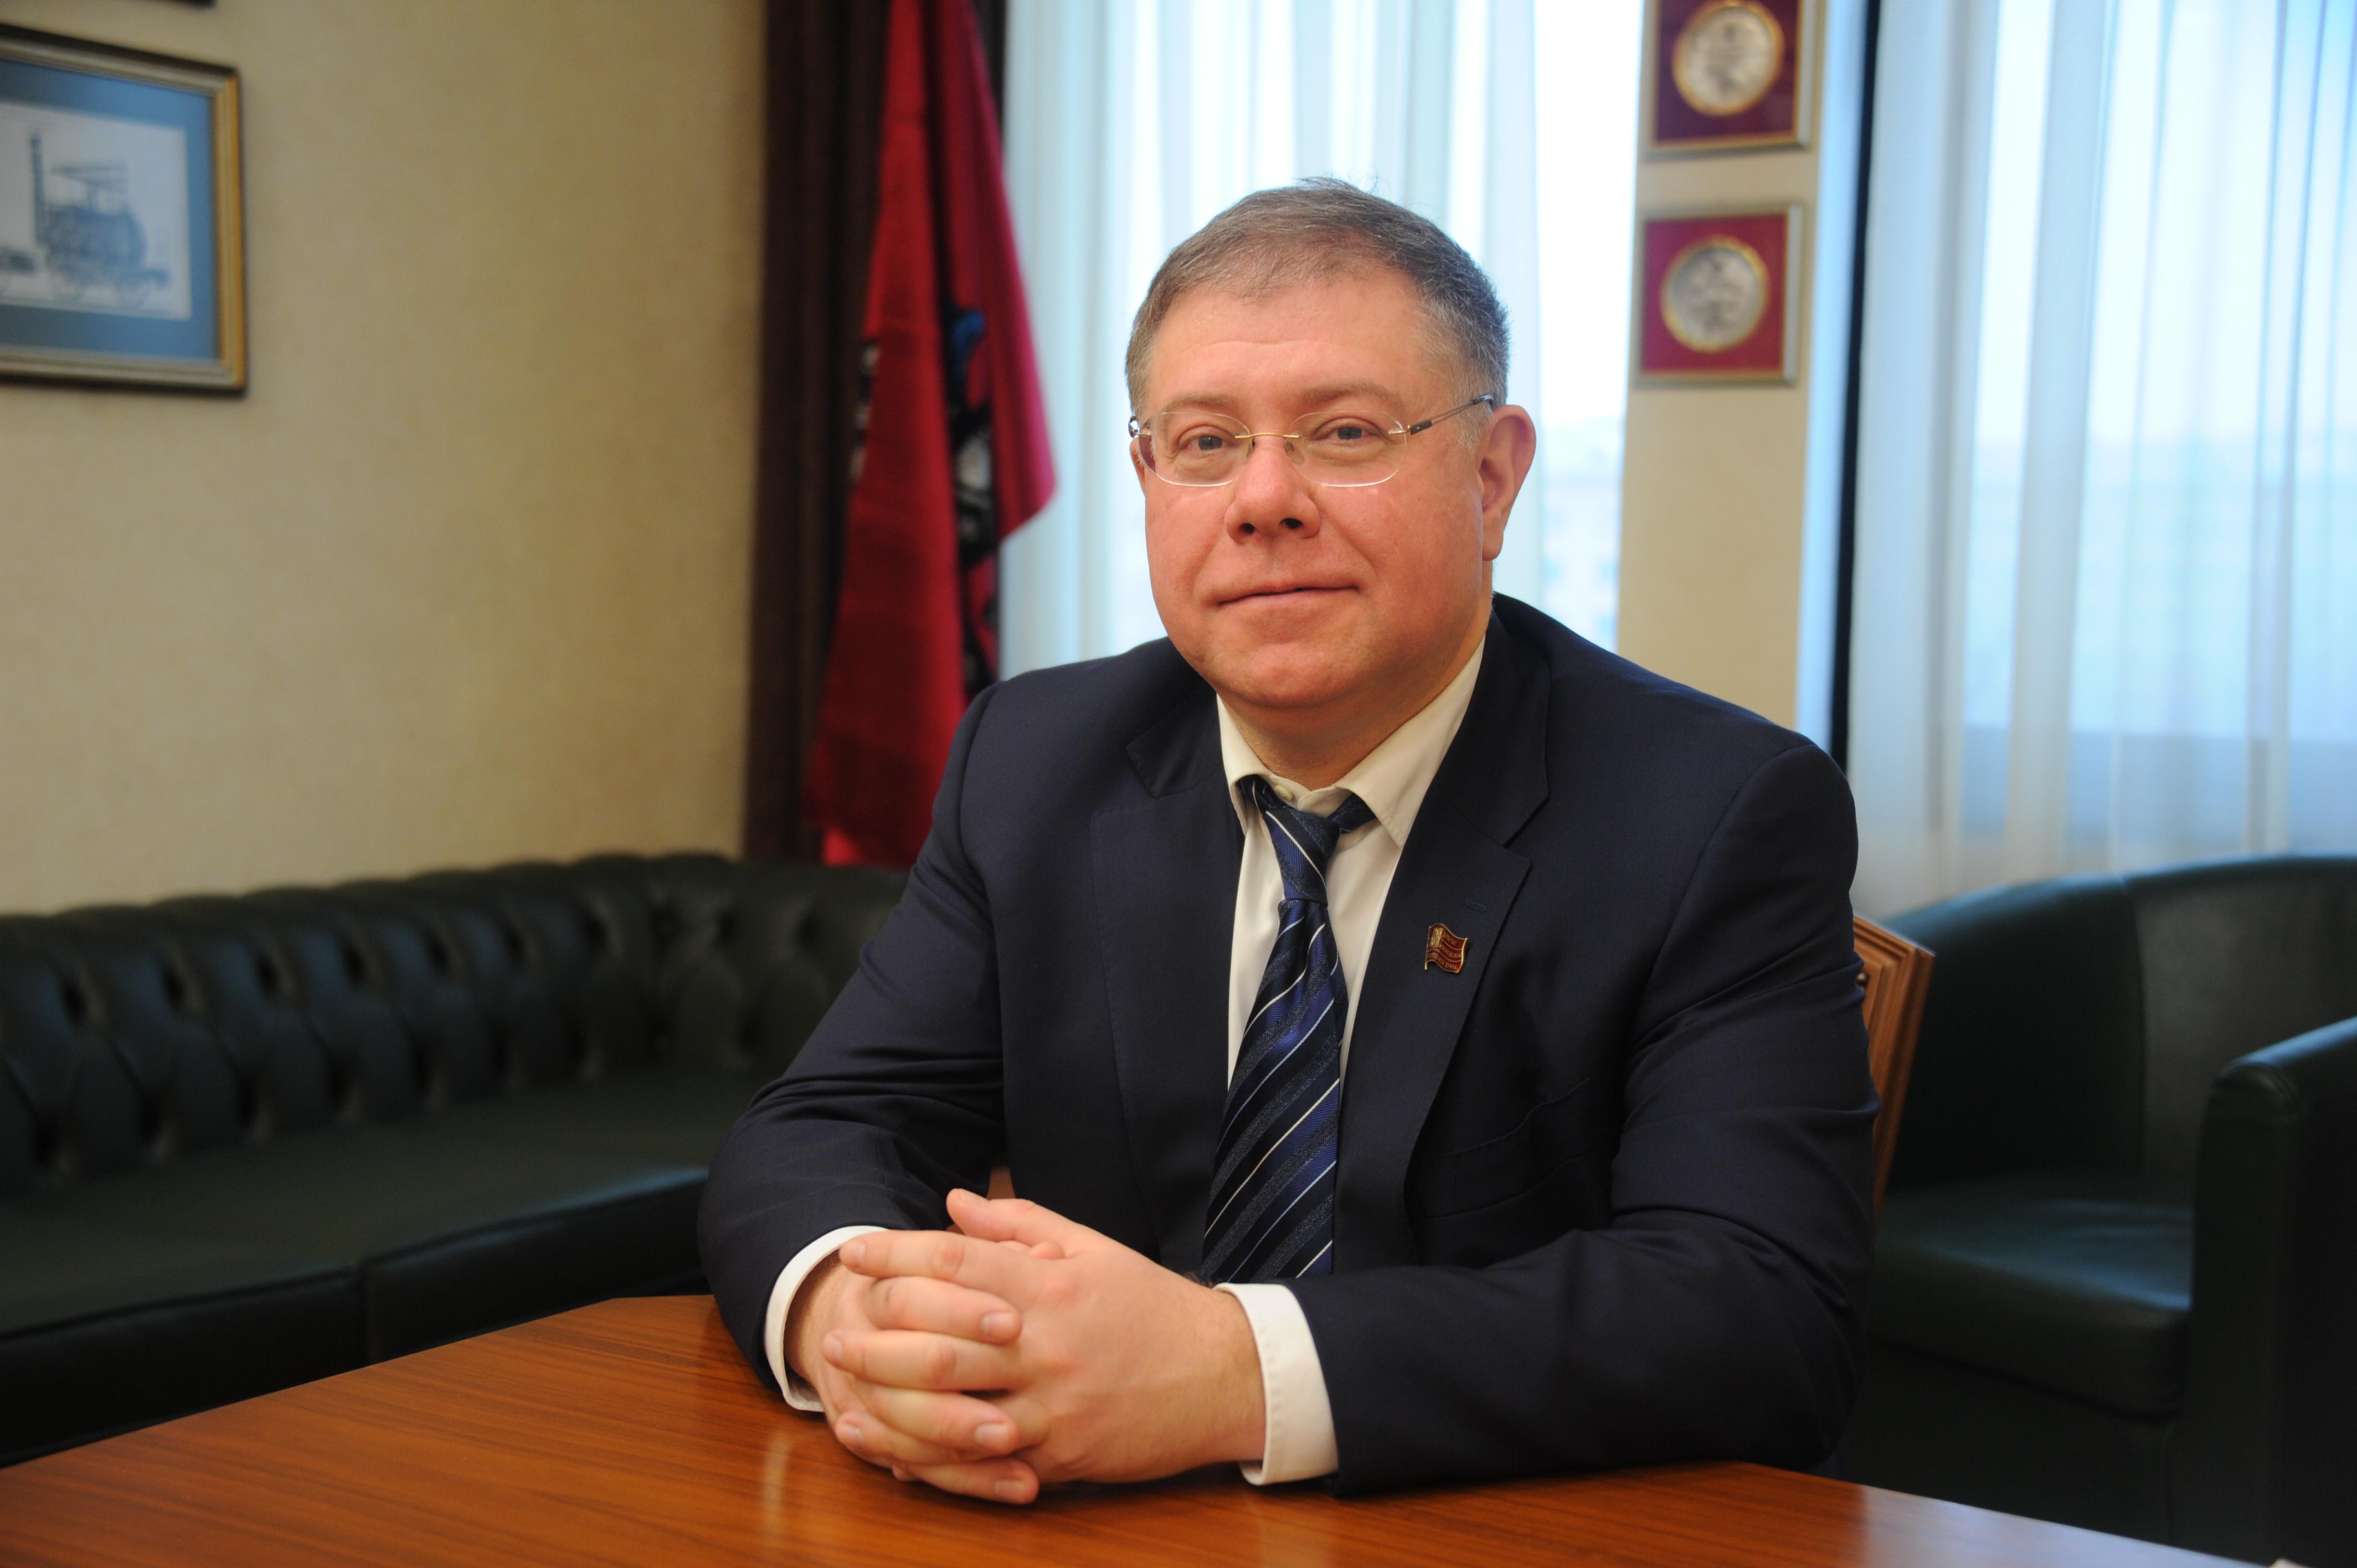 Депутат МГД Степан Орлов: Строительство метро и реконструкция МЦД в 2021 году продолжатся рекордными темпами